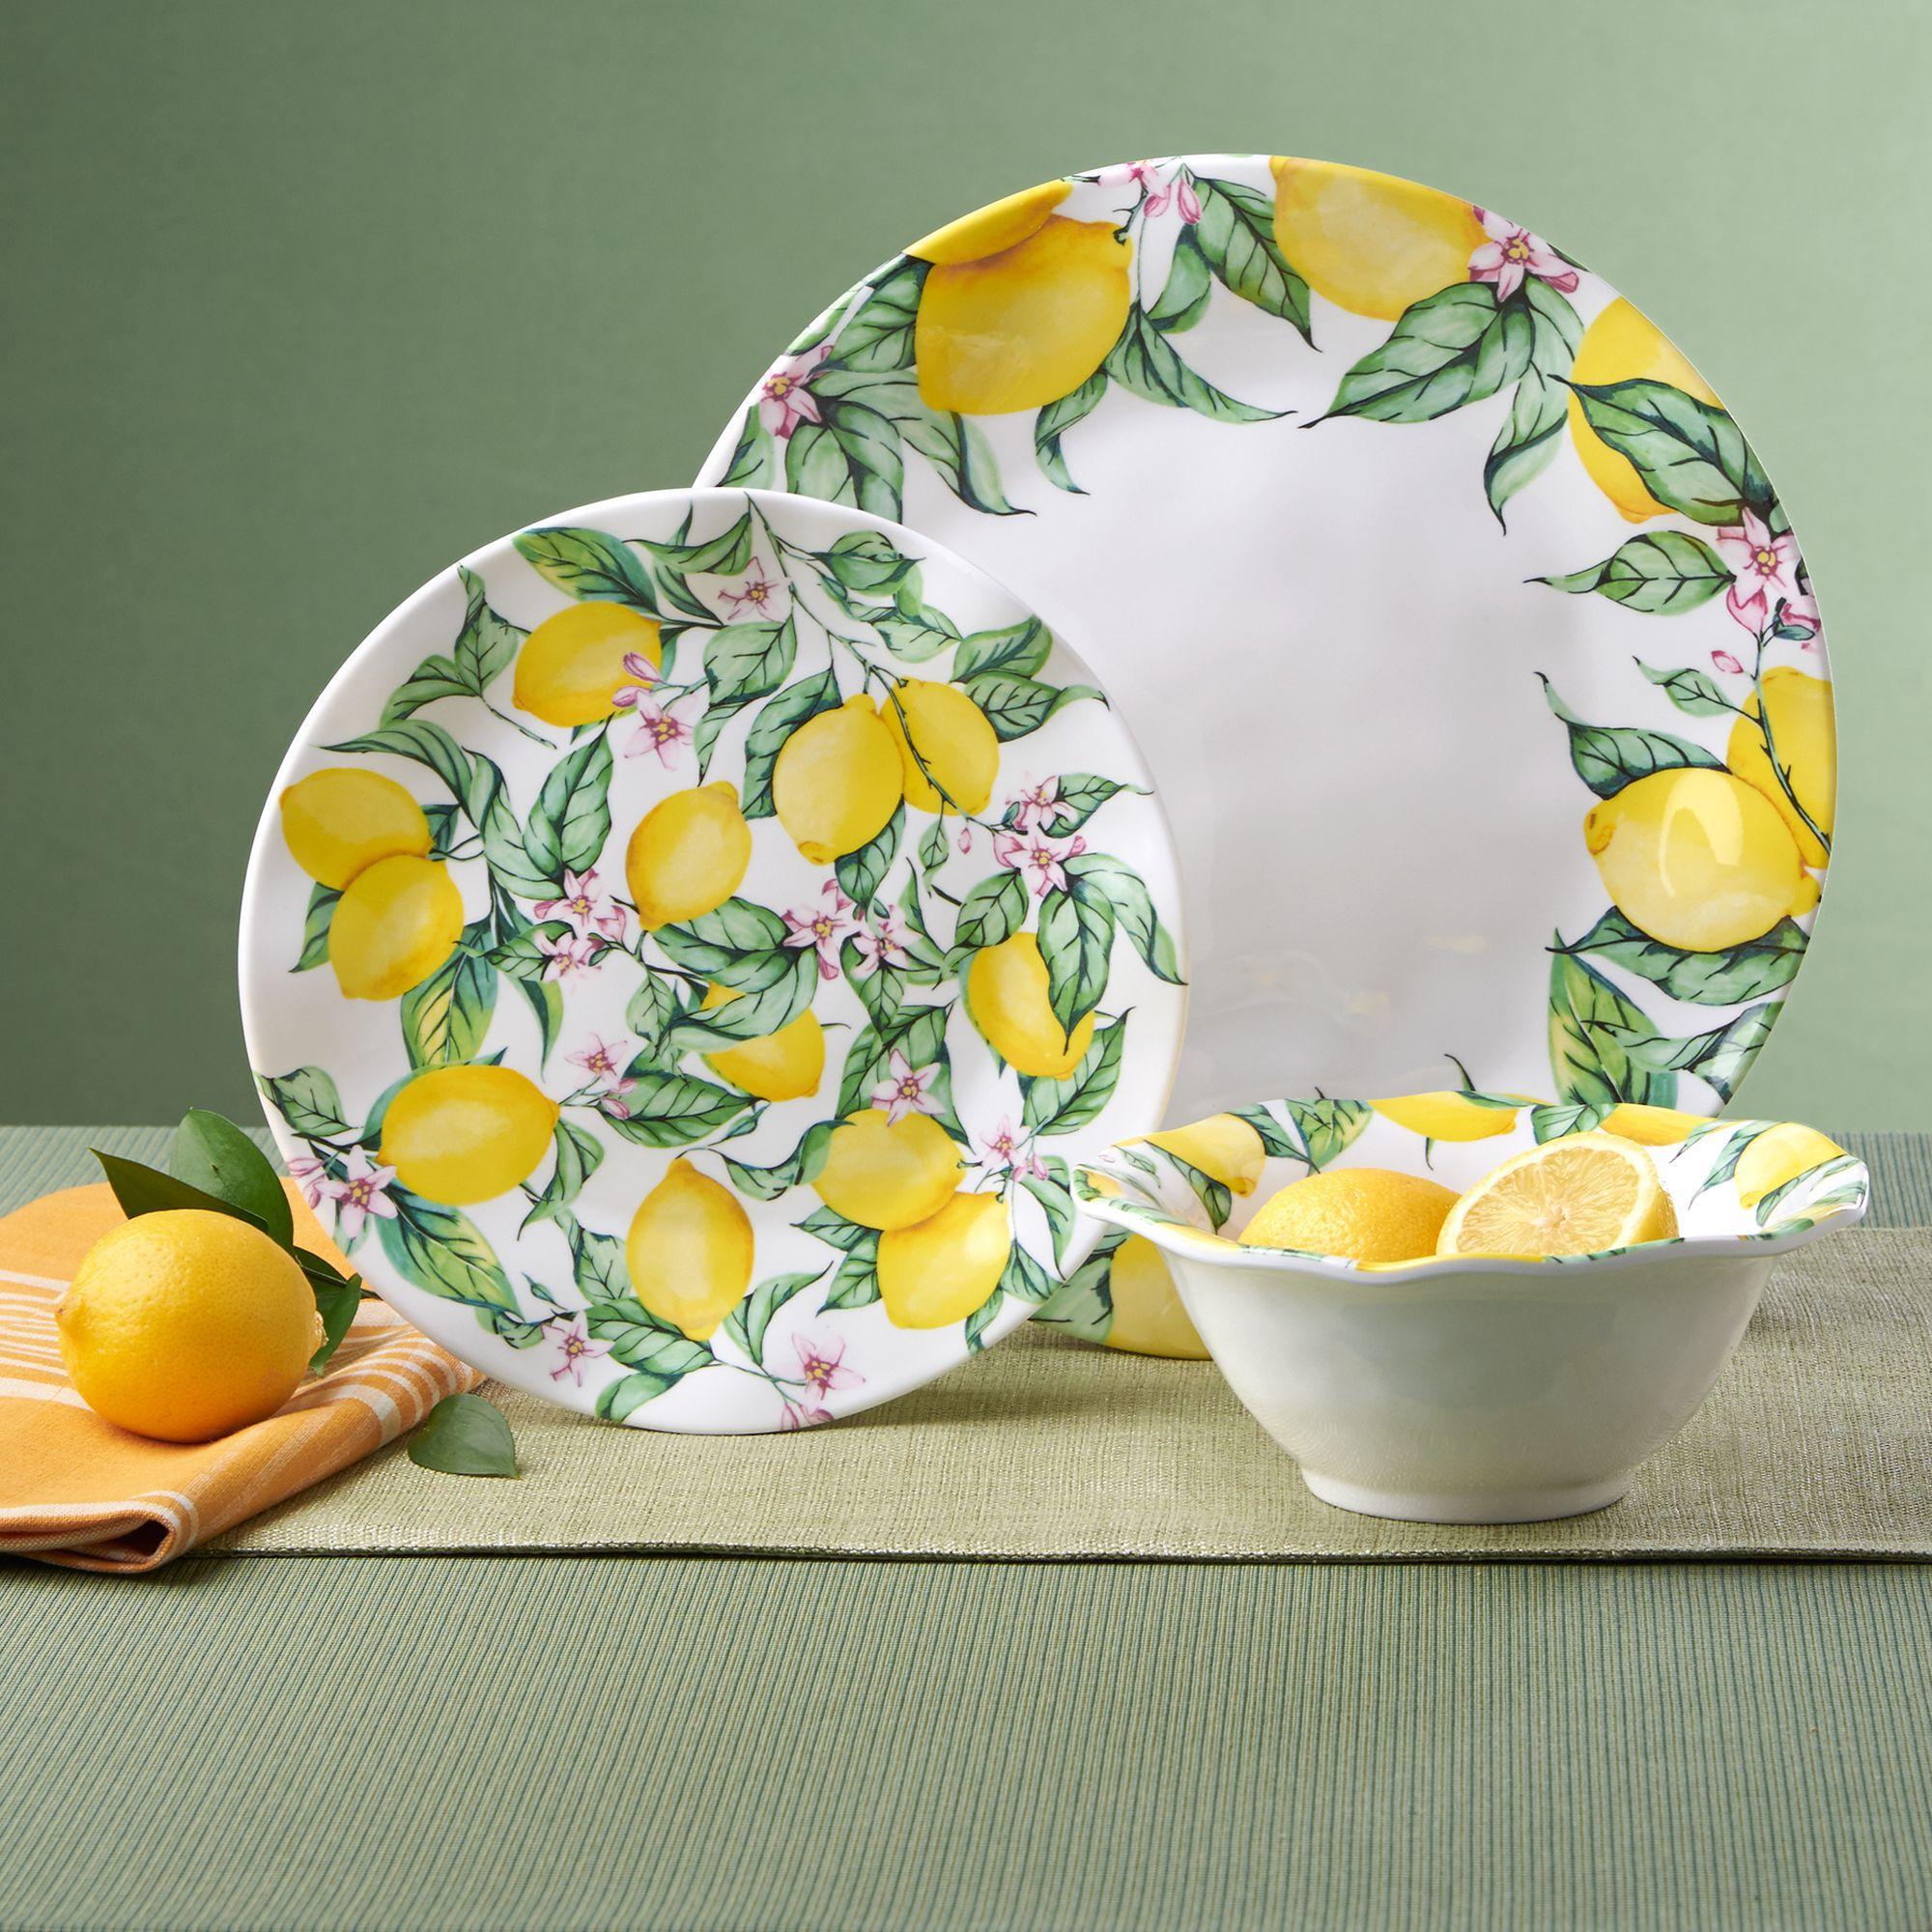 u0026quot;Limonatau0026quot; Melamine Dinnerware  default & Limonata